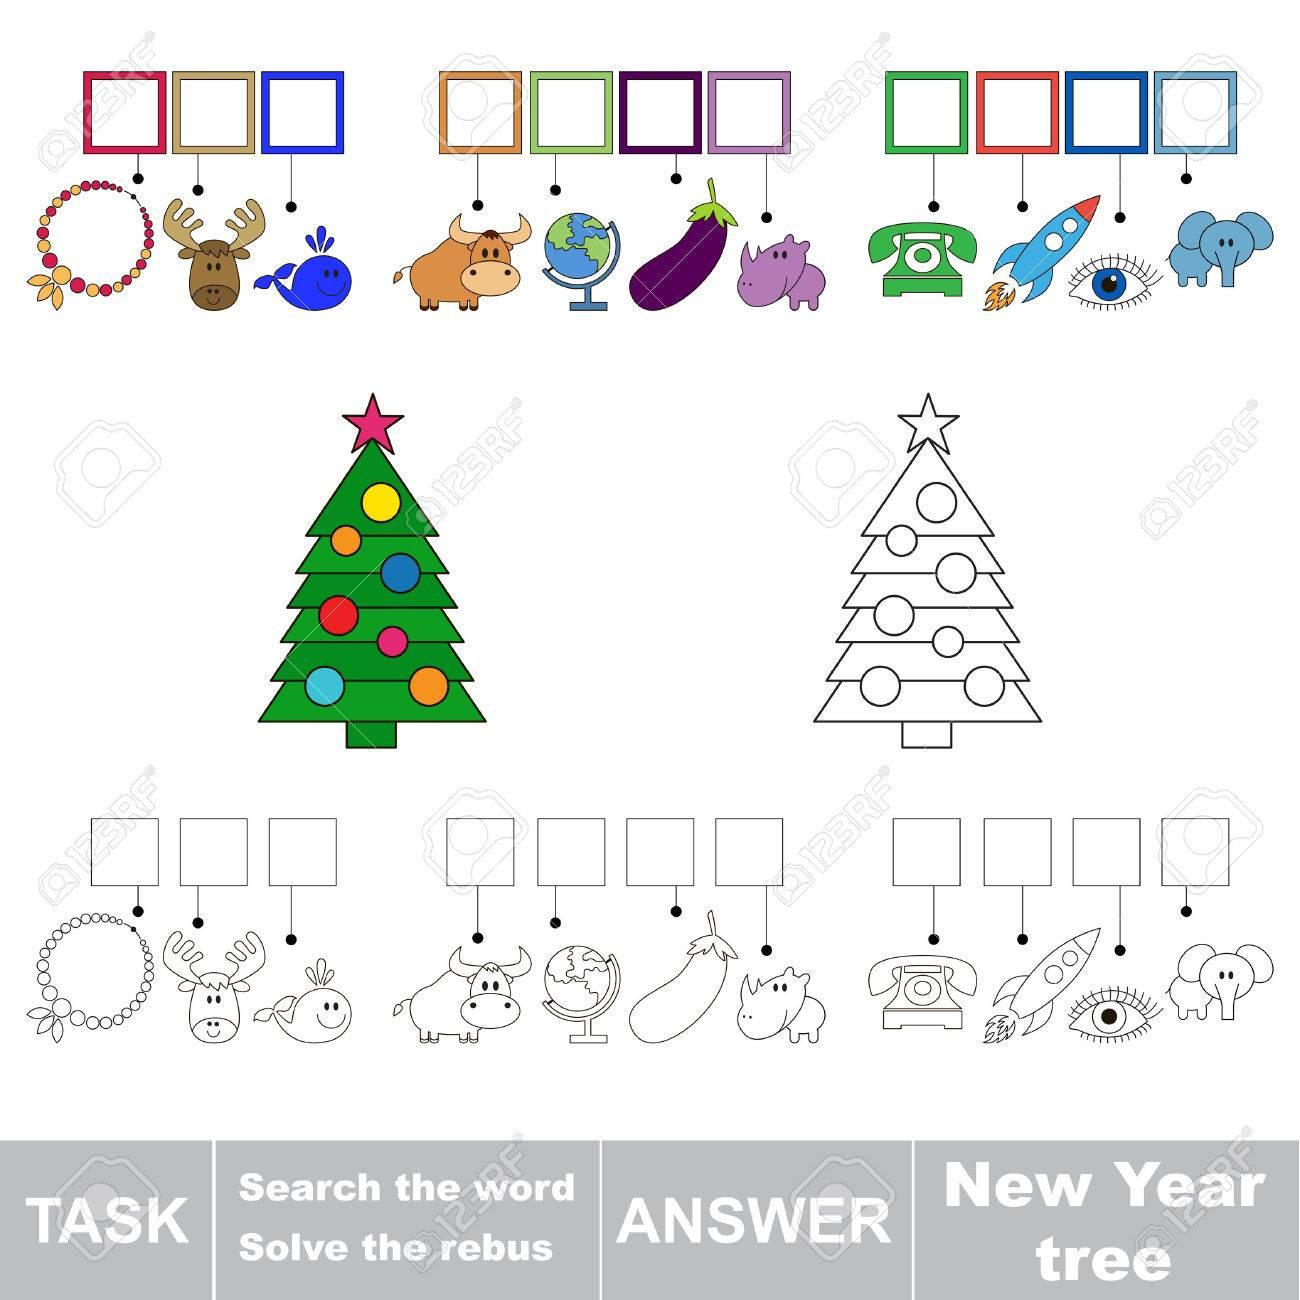 Vecteur Rebus Jeu. Tâche Et La Réponse. Résoudre Le Rébus Et De Trouver Le  Mot Nouvel Arbre De L'année pour Rebus Noel